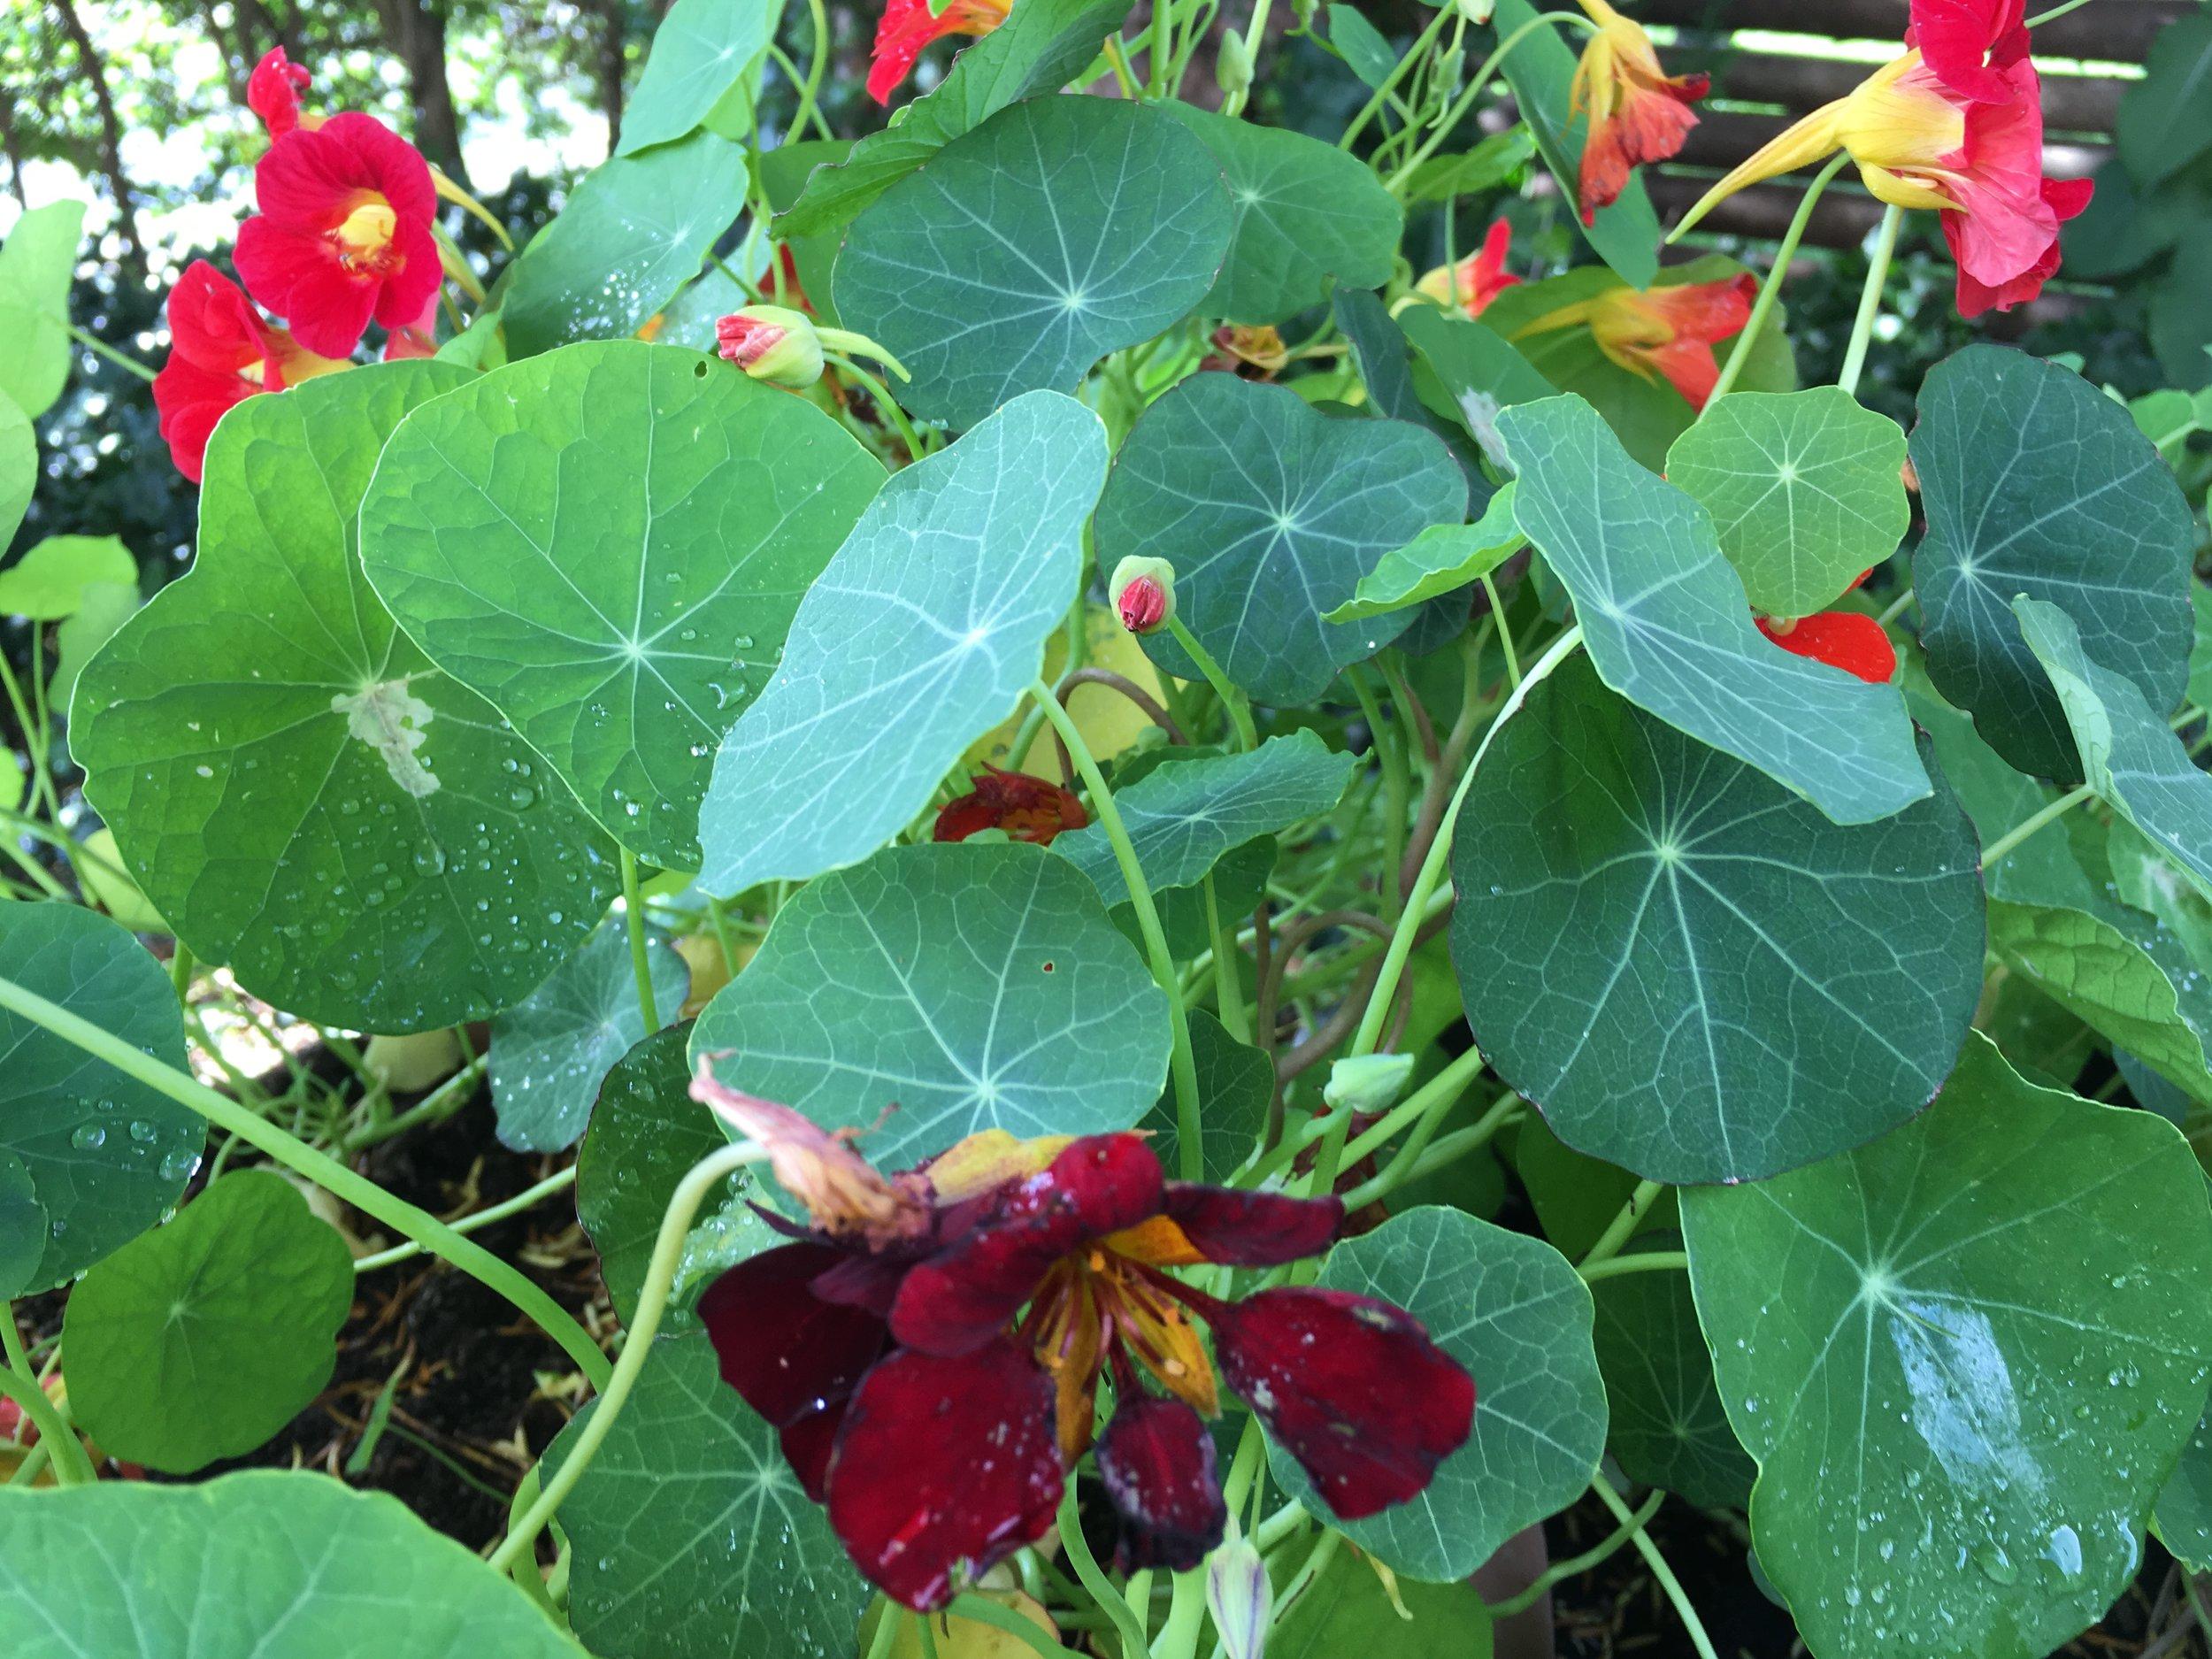 De næsten gratis glæder. TALLERKENSMÆKKER (Tropaeloum majus) har fine runde blade, der tit serveres på smarte restauranter - så den lever op til sit navn.